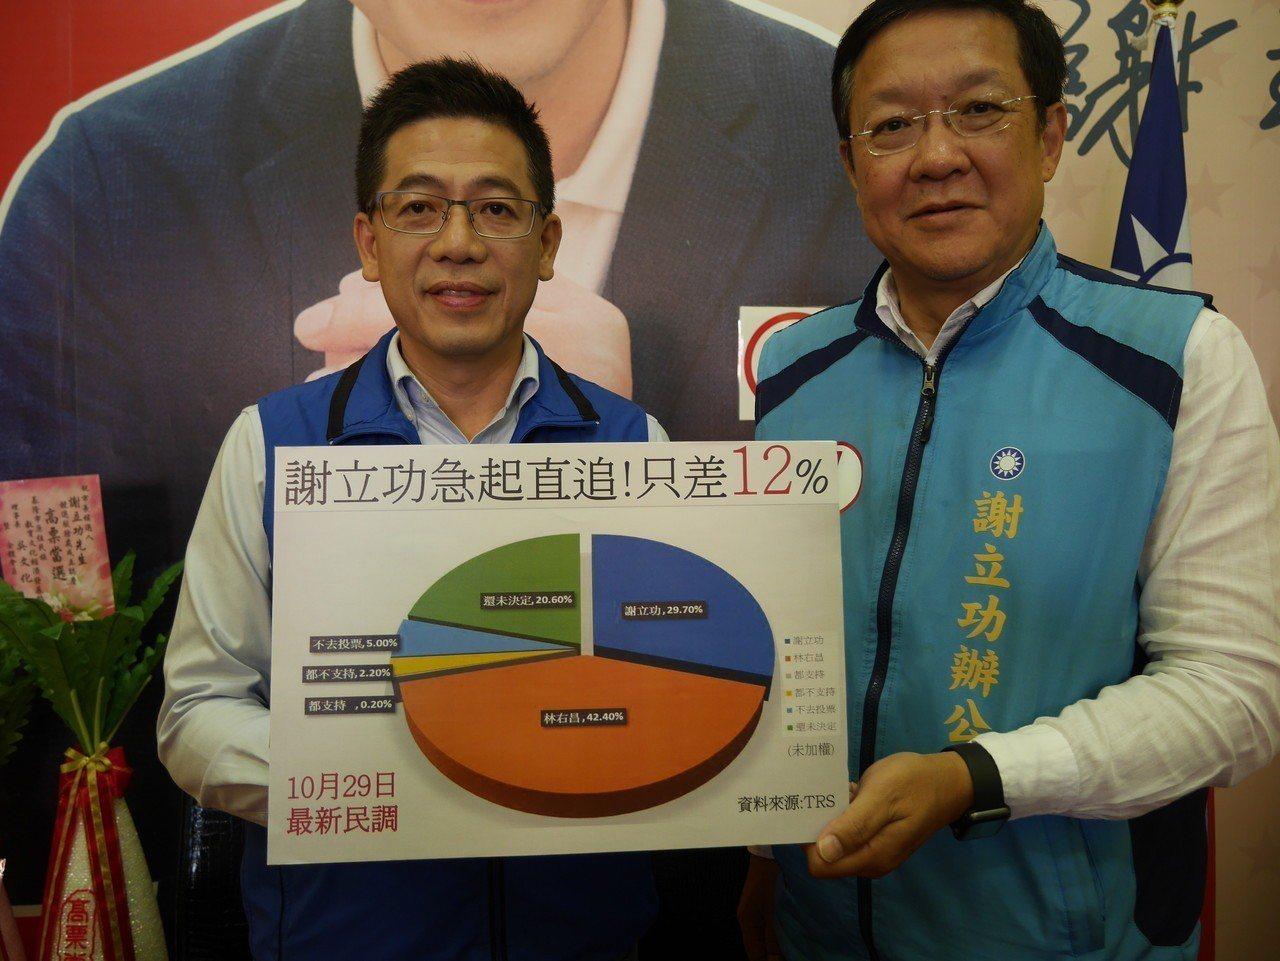 國民黨基隆市長候選人謝立功,中午公布他做的最新民調,林右昌支持度42.4%,謝立...